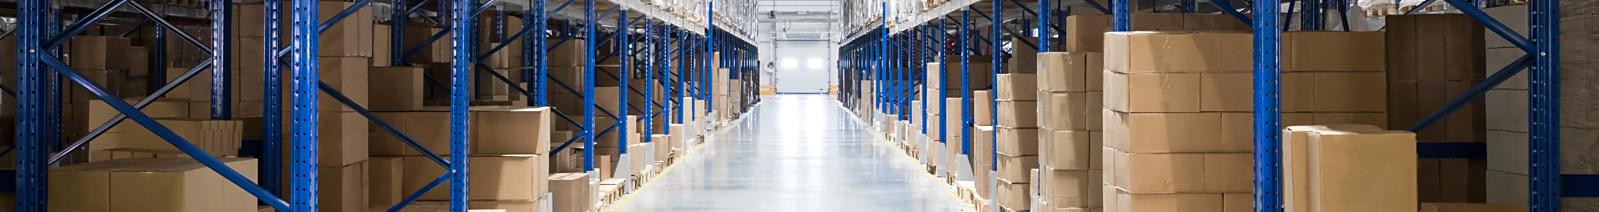 offres d u0026 39 emploi supply chaine et logistique  u00e0 5000